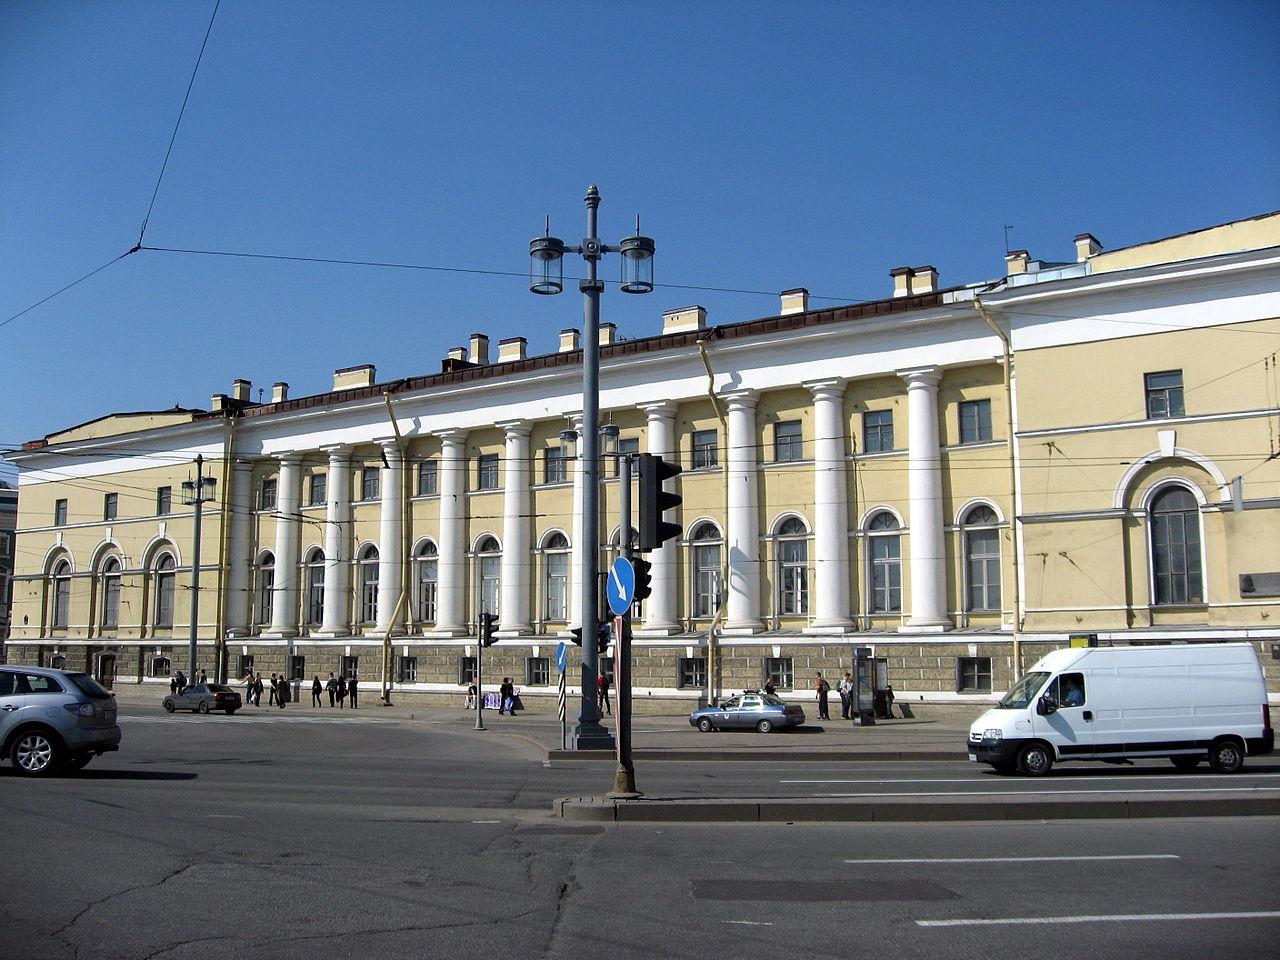 Зоологический музей Зоологического института РАН, Санкт-Петербург